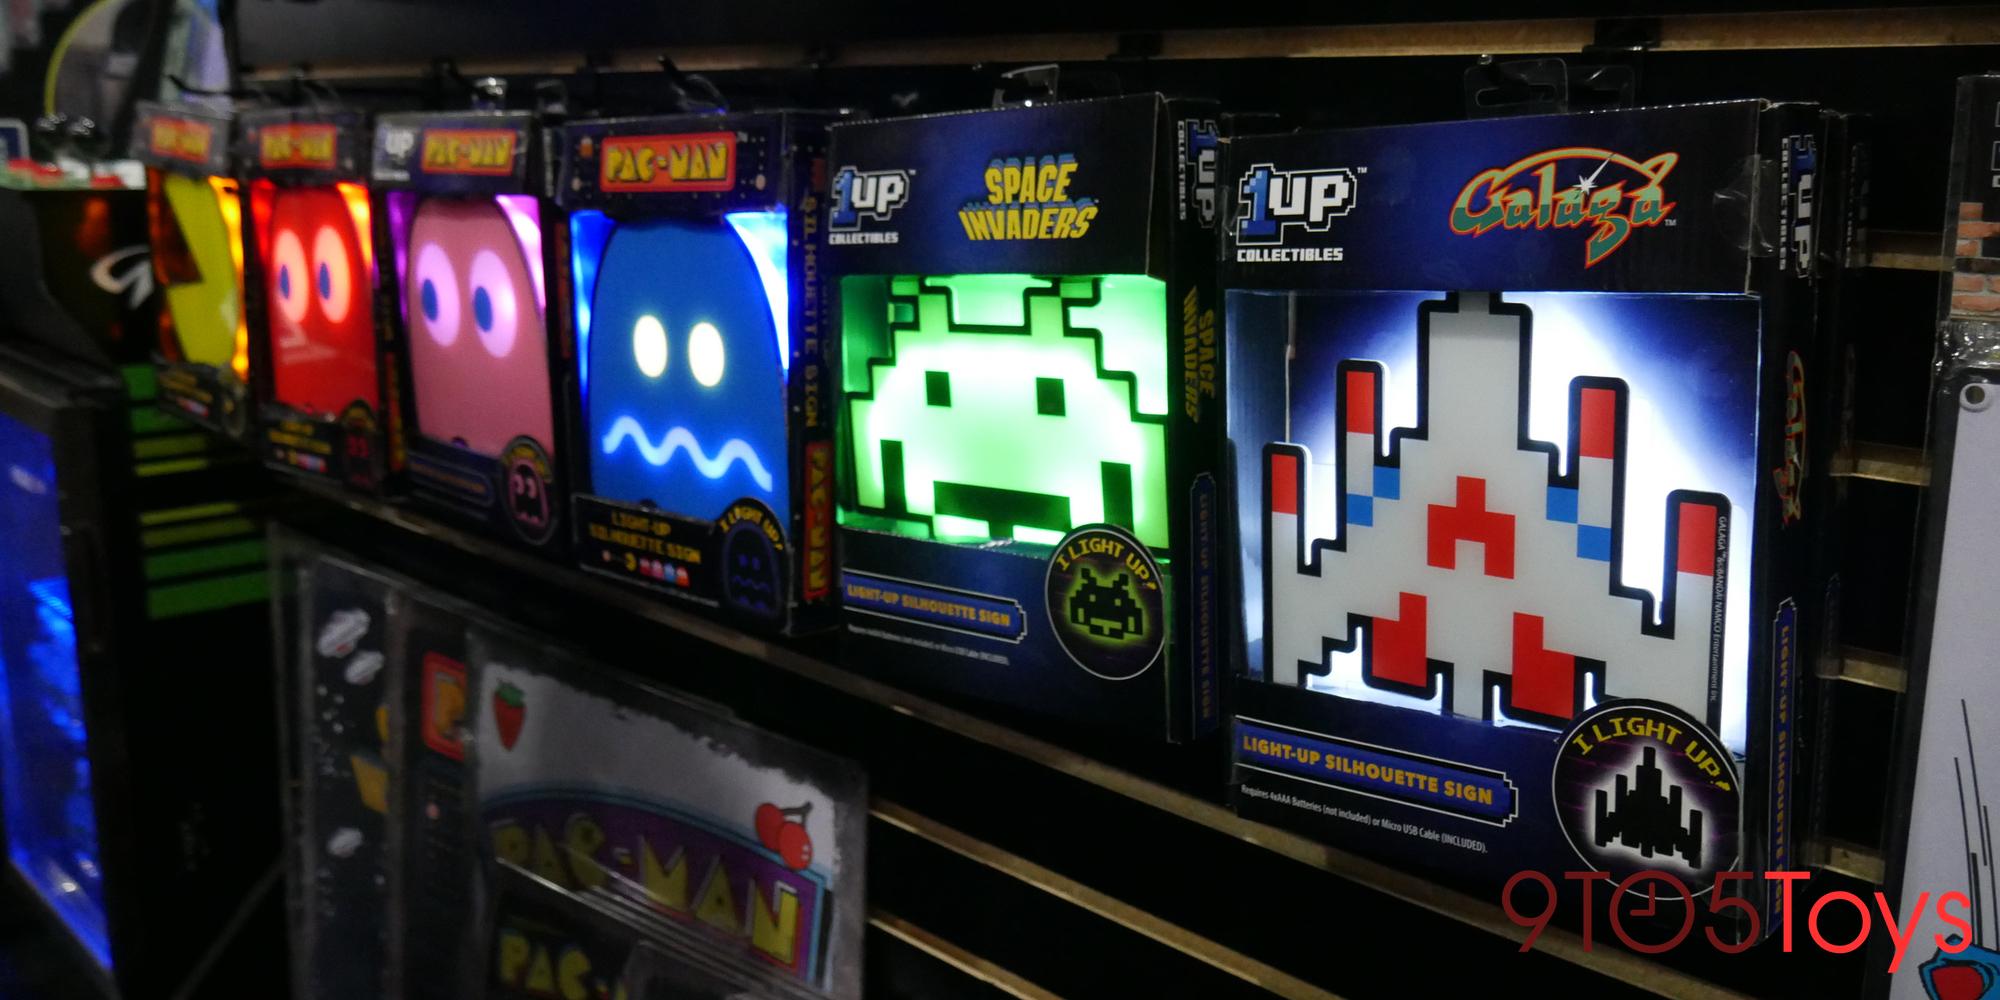 Arcade1Up Retro Lights